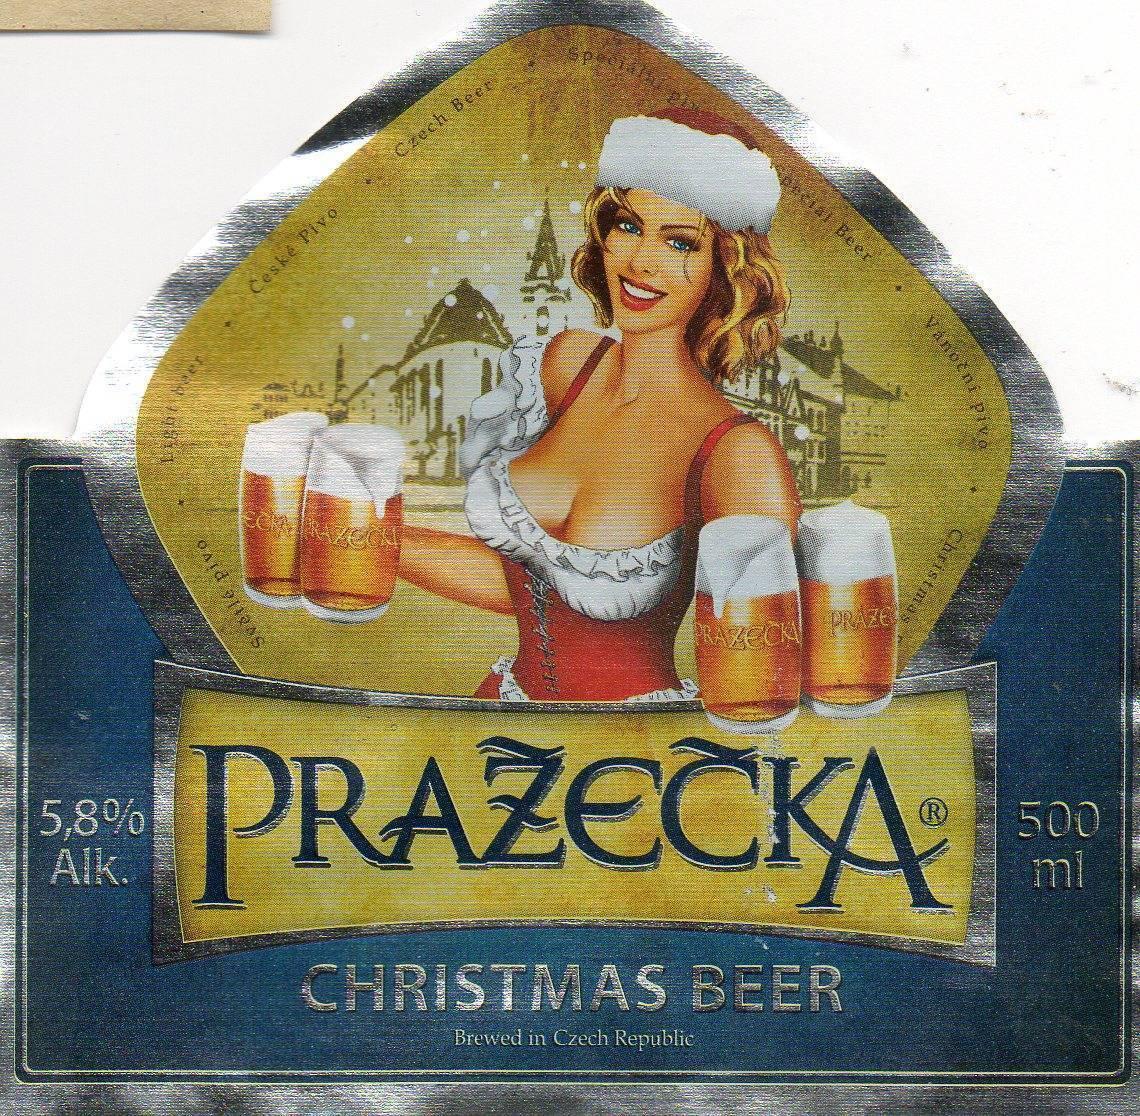 Пиво вельвет - чешское произведение искусства + видео | наливали